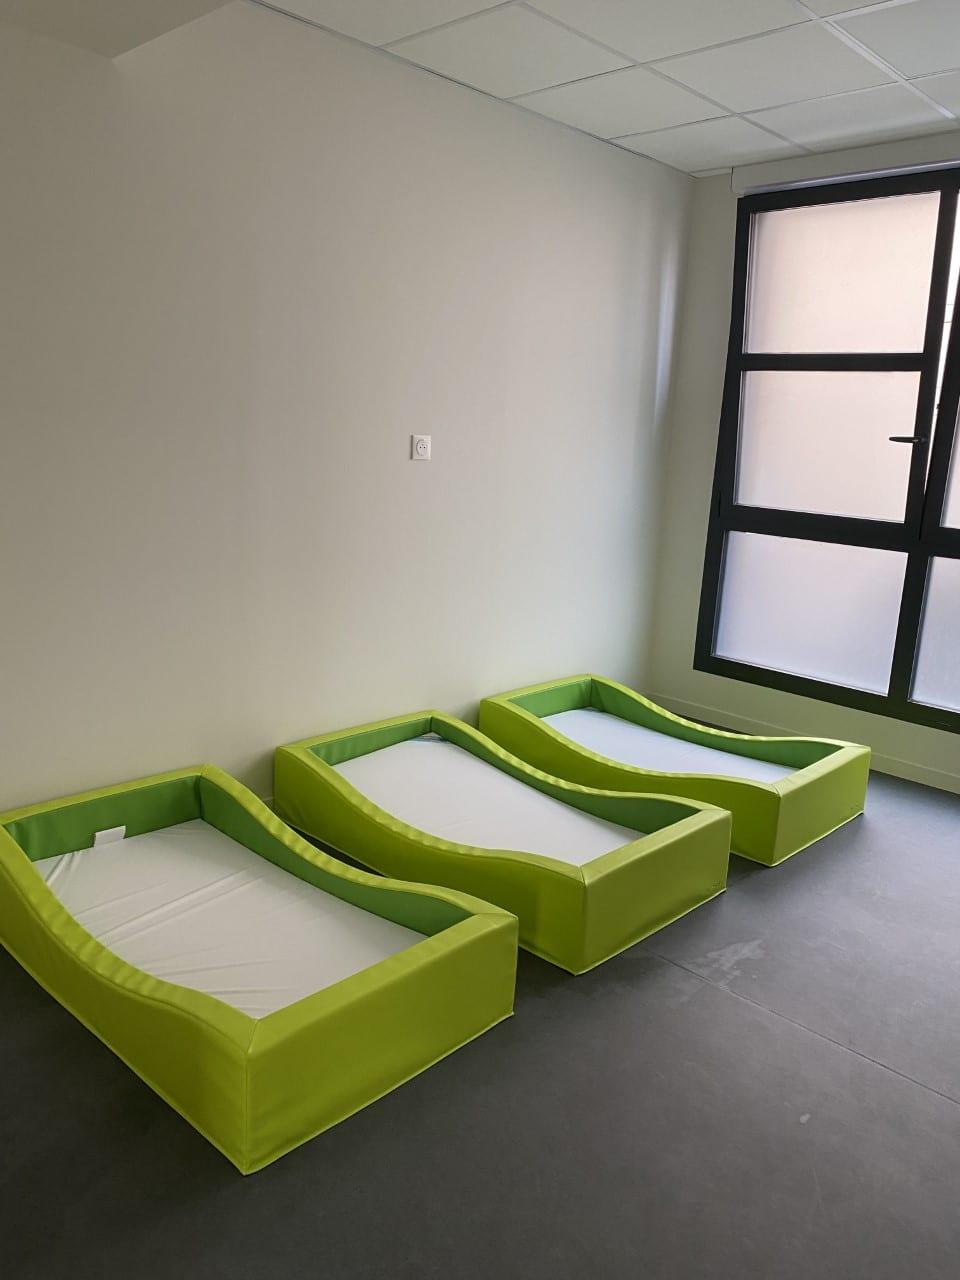 dortoir avec lits vert